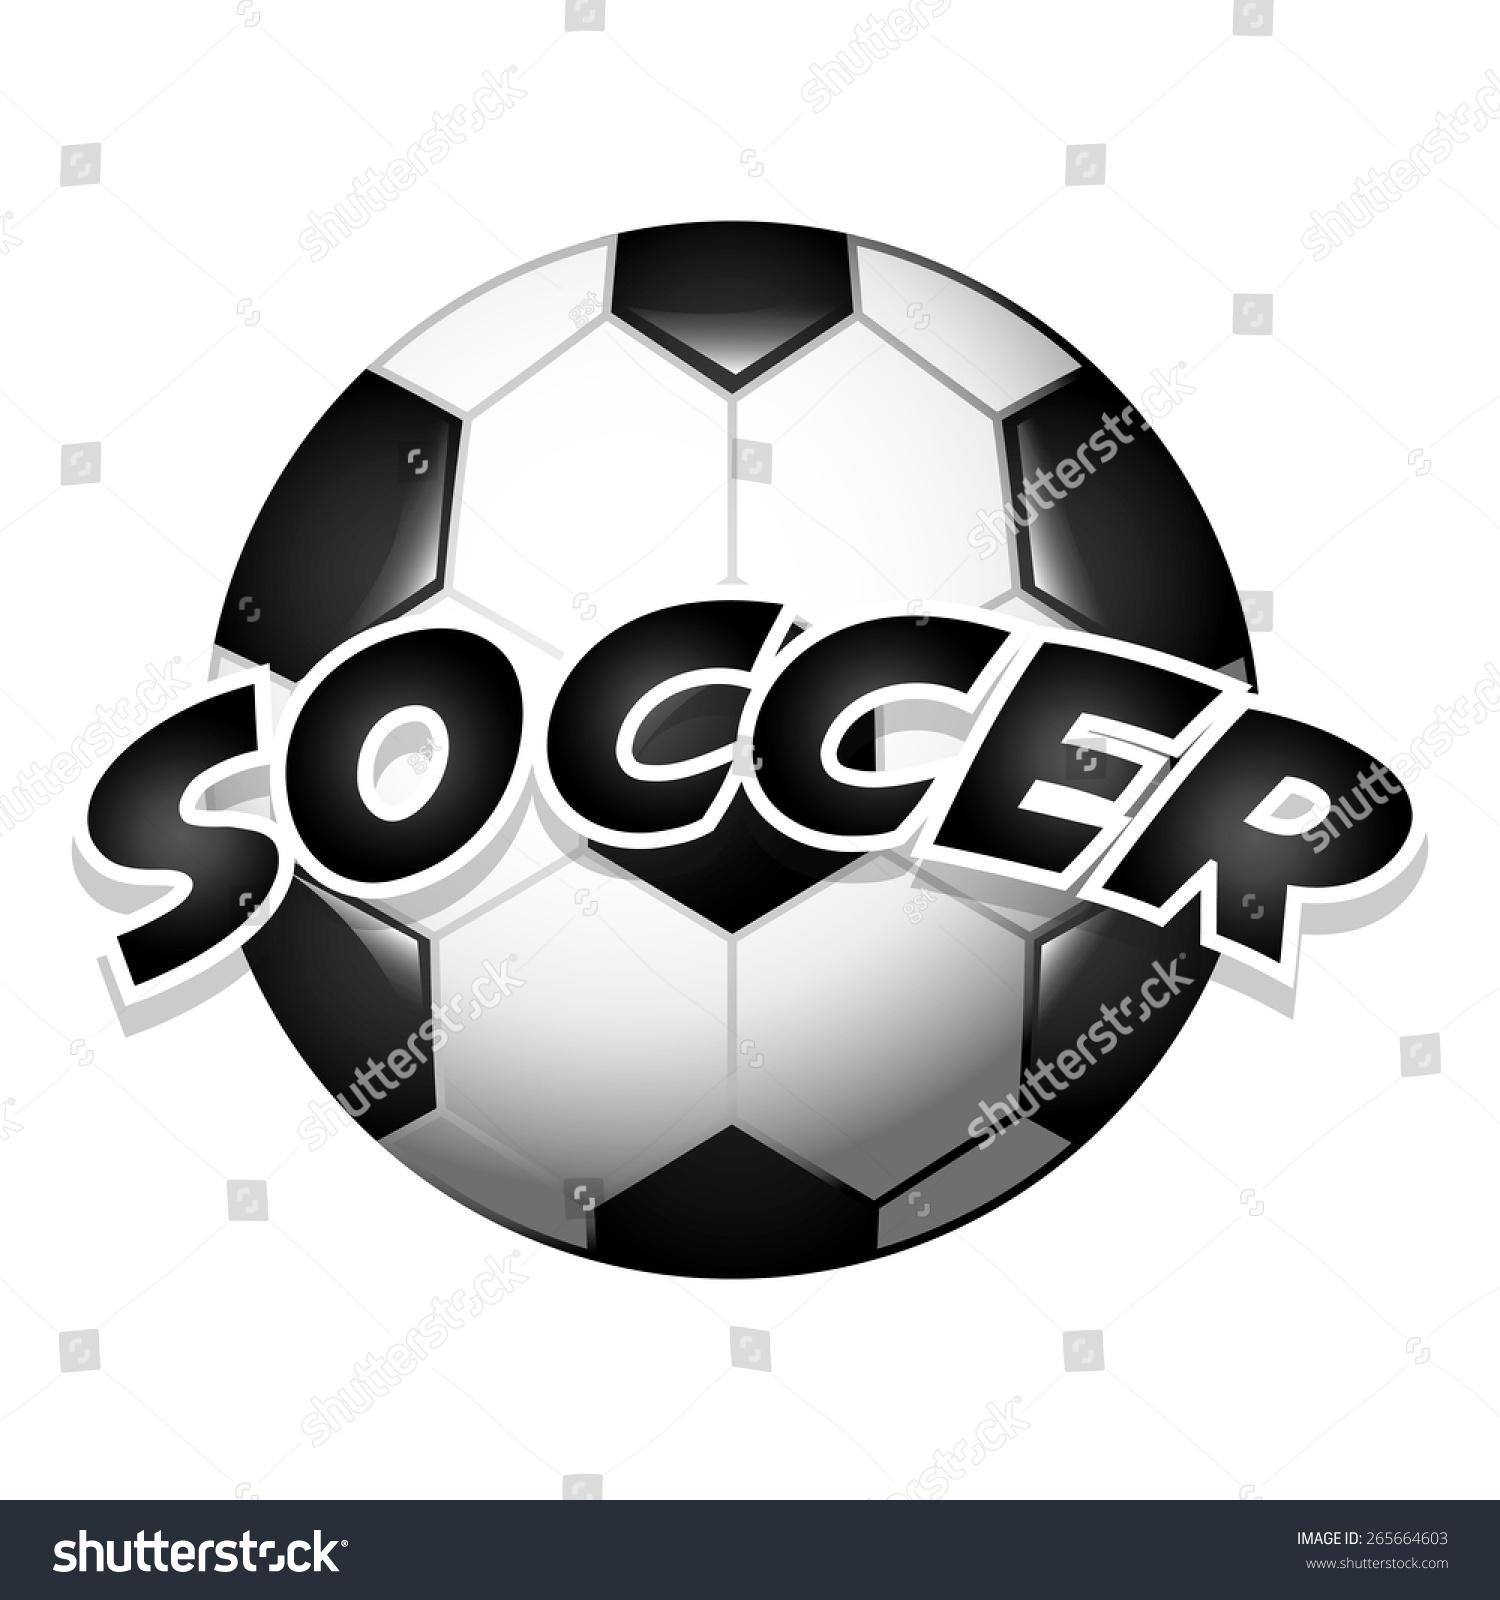 足球运动设计,矢量插图eps10图形-符号/标志,运动/-()